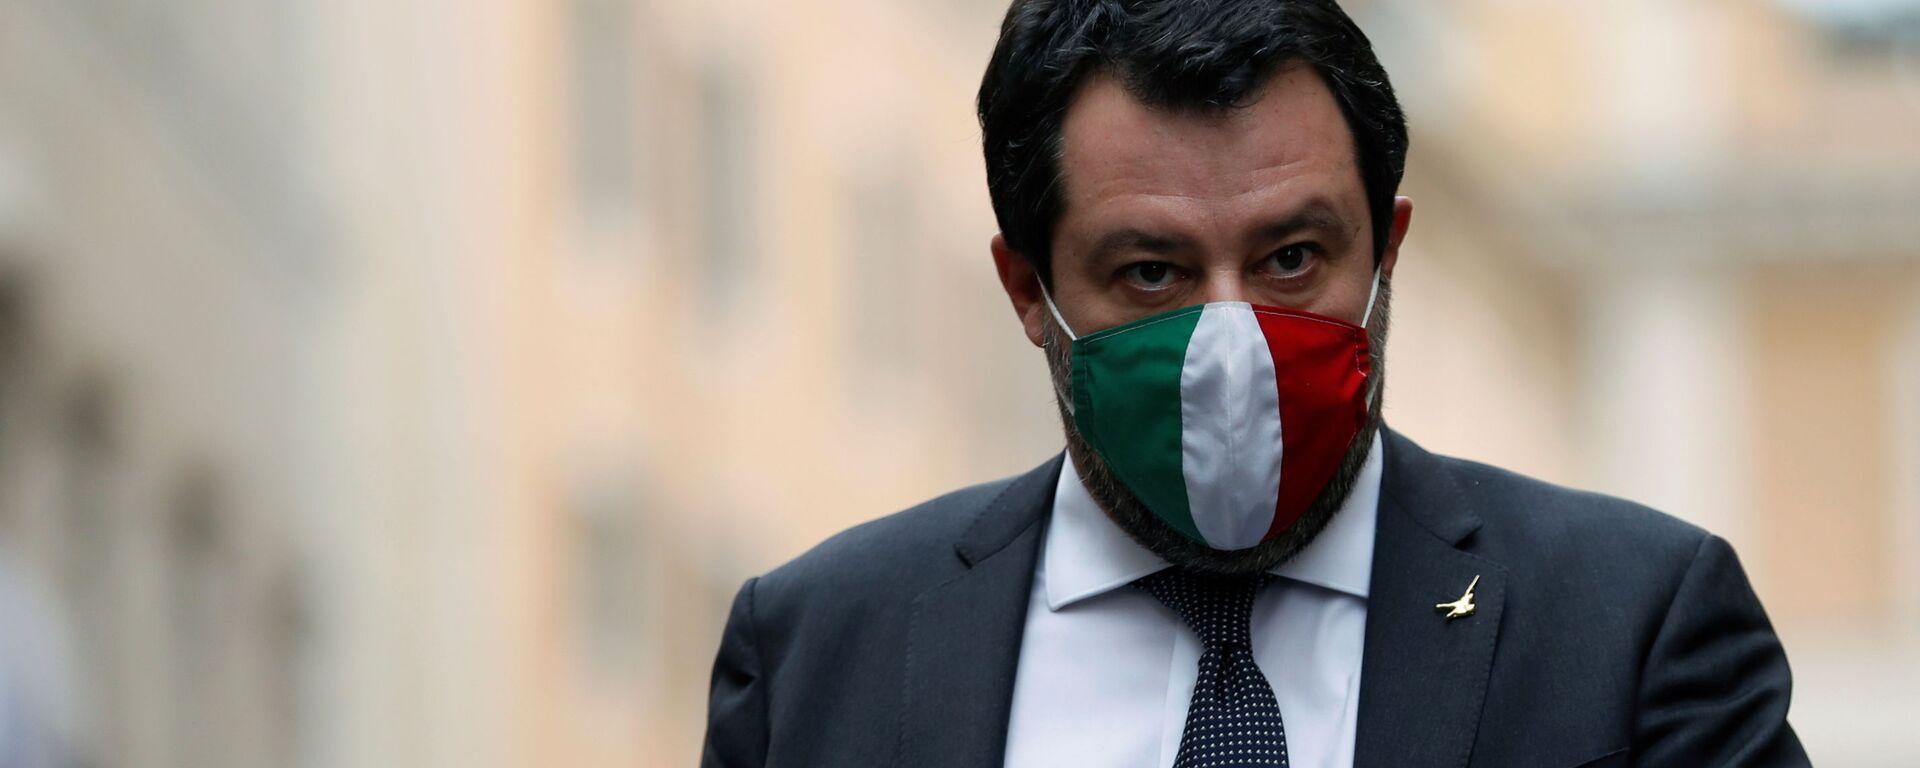 Matteo Salvini  - Sputnik Italia, 1920, 21.03.2021